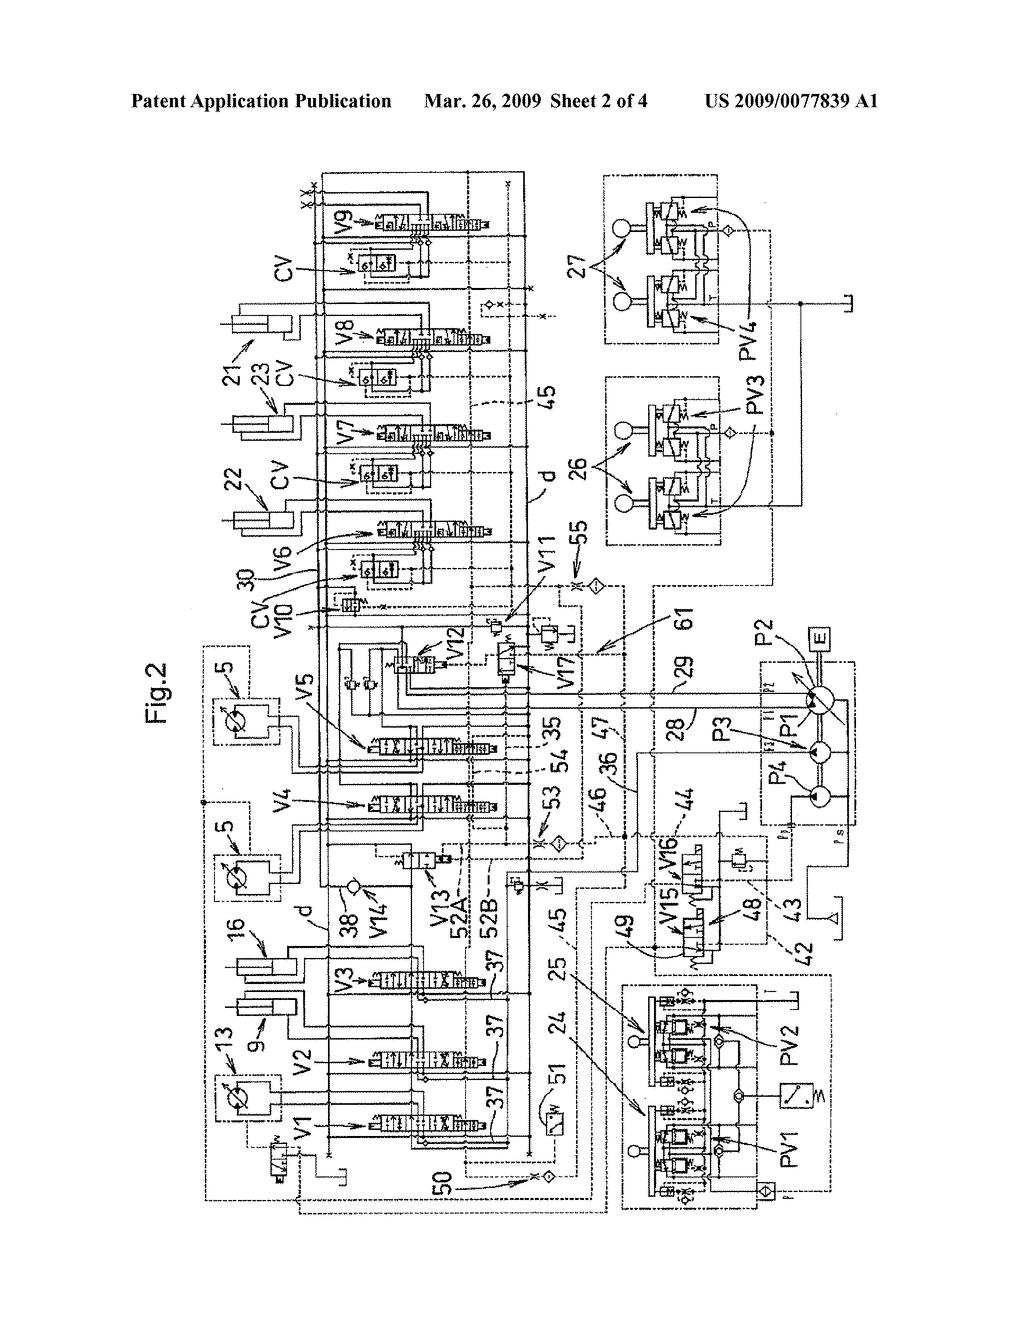 M1a2 Schematics New Era Of Wiring Diagram